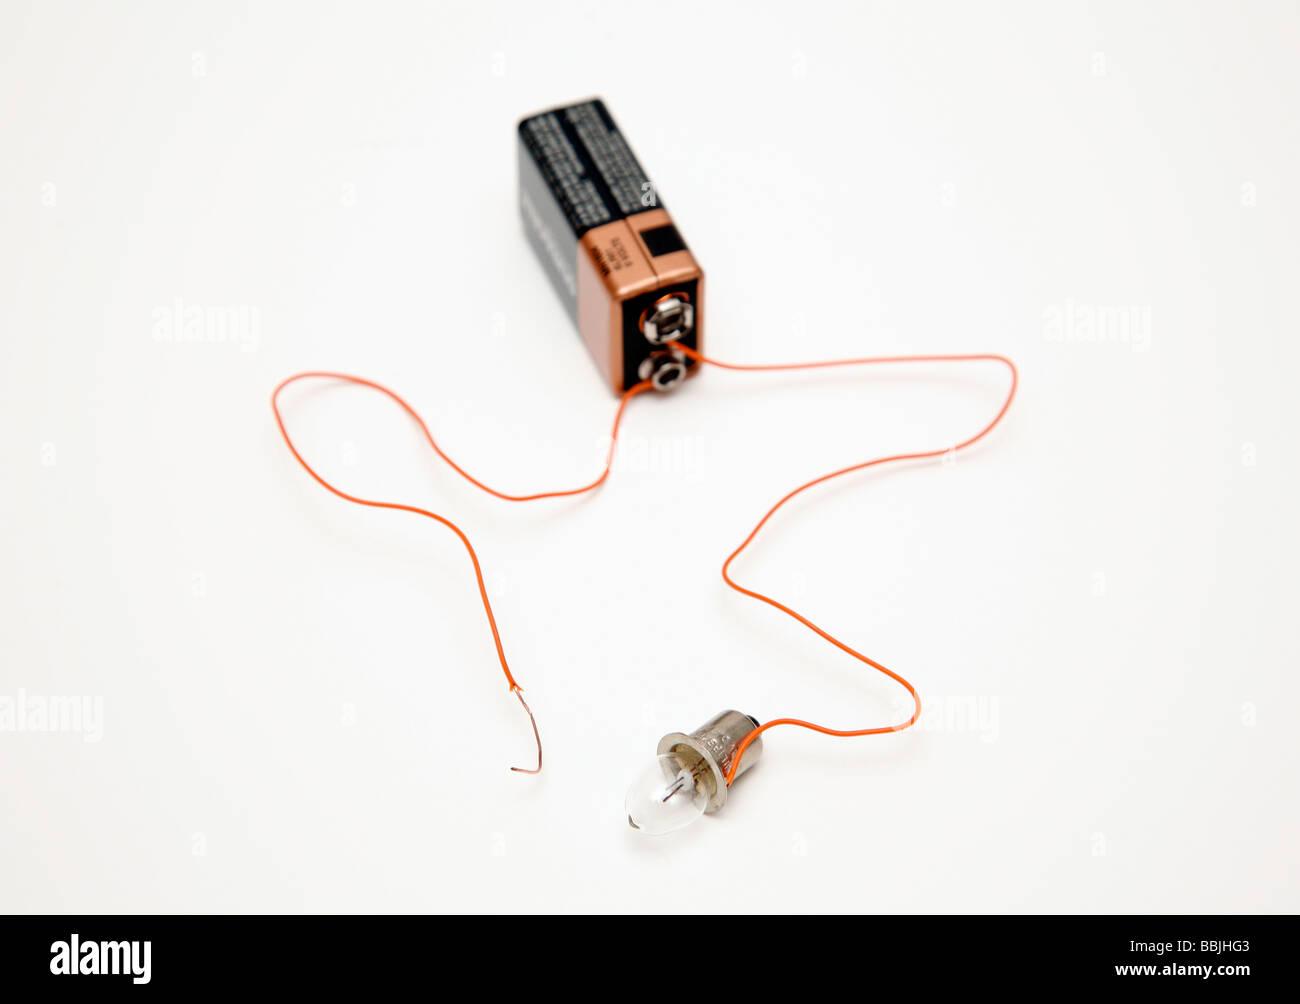 Batterie und Glühbirne Schaltung mit einem Draht nicht angefügt ...